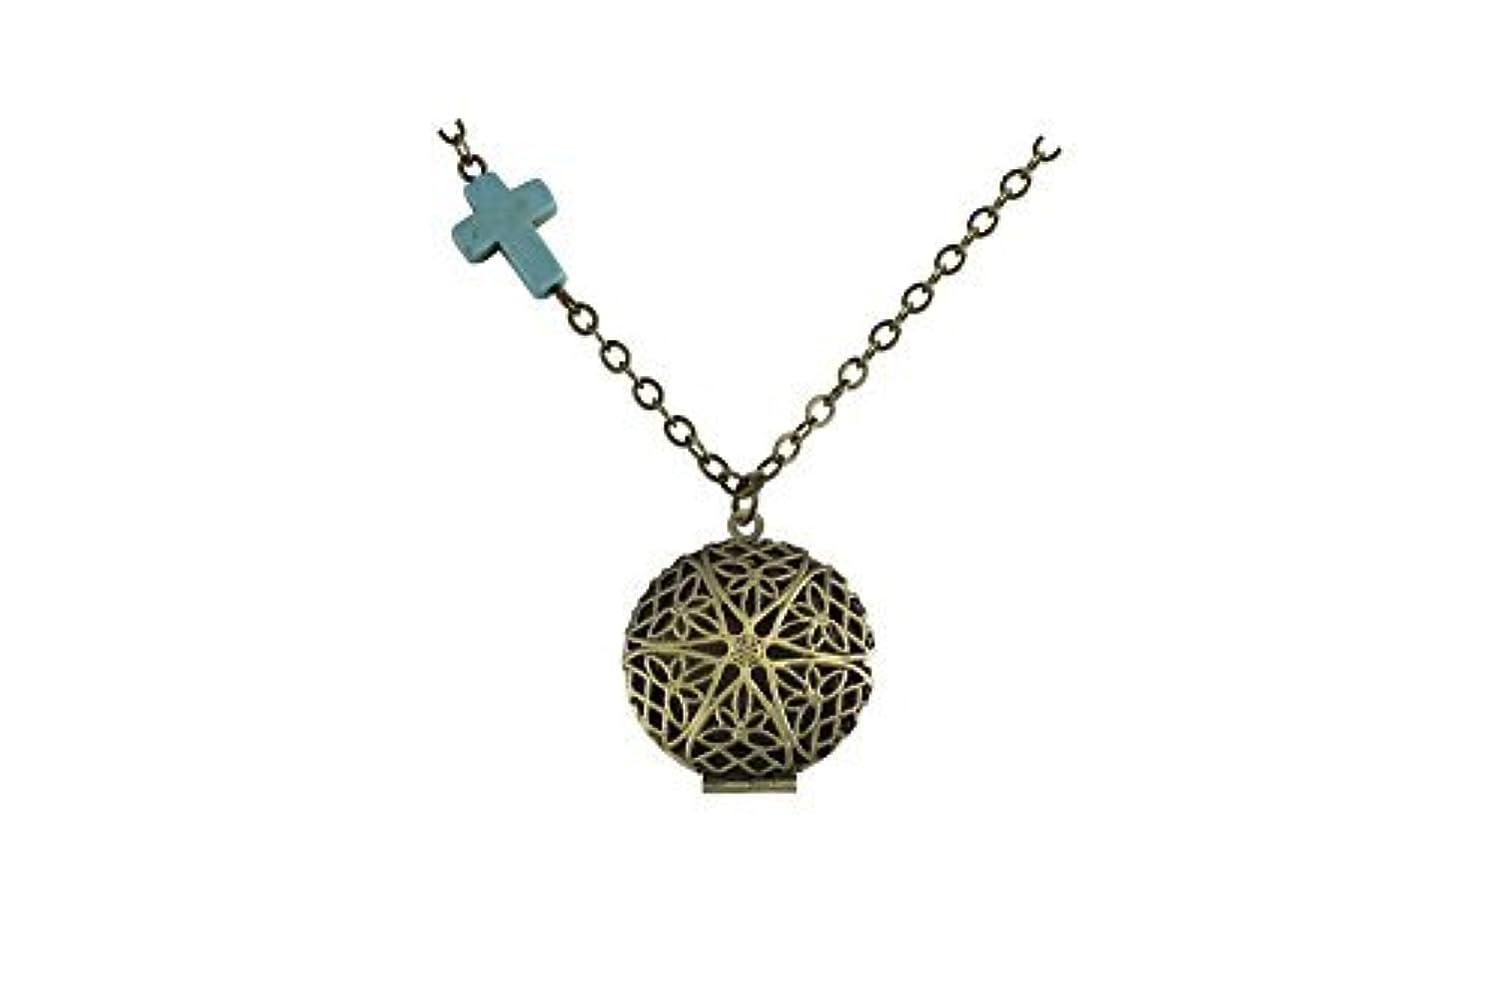 名前可決スタジオTurquoise-colored Cross Charm Brass-Tone Bronze-Tone Aromatherapy Necklace Essential Oil Diffuser Locket Pendant...